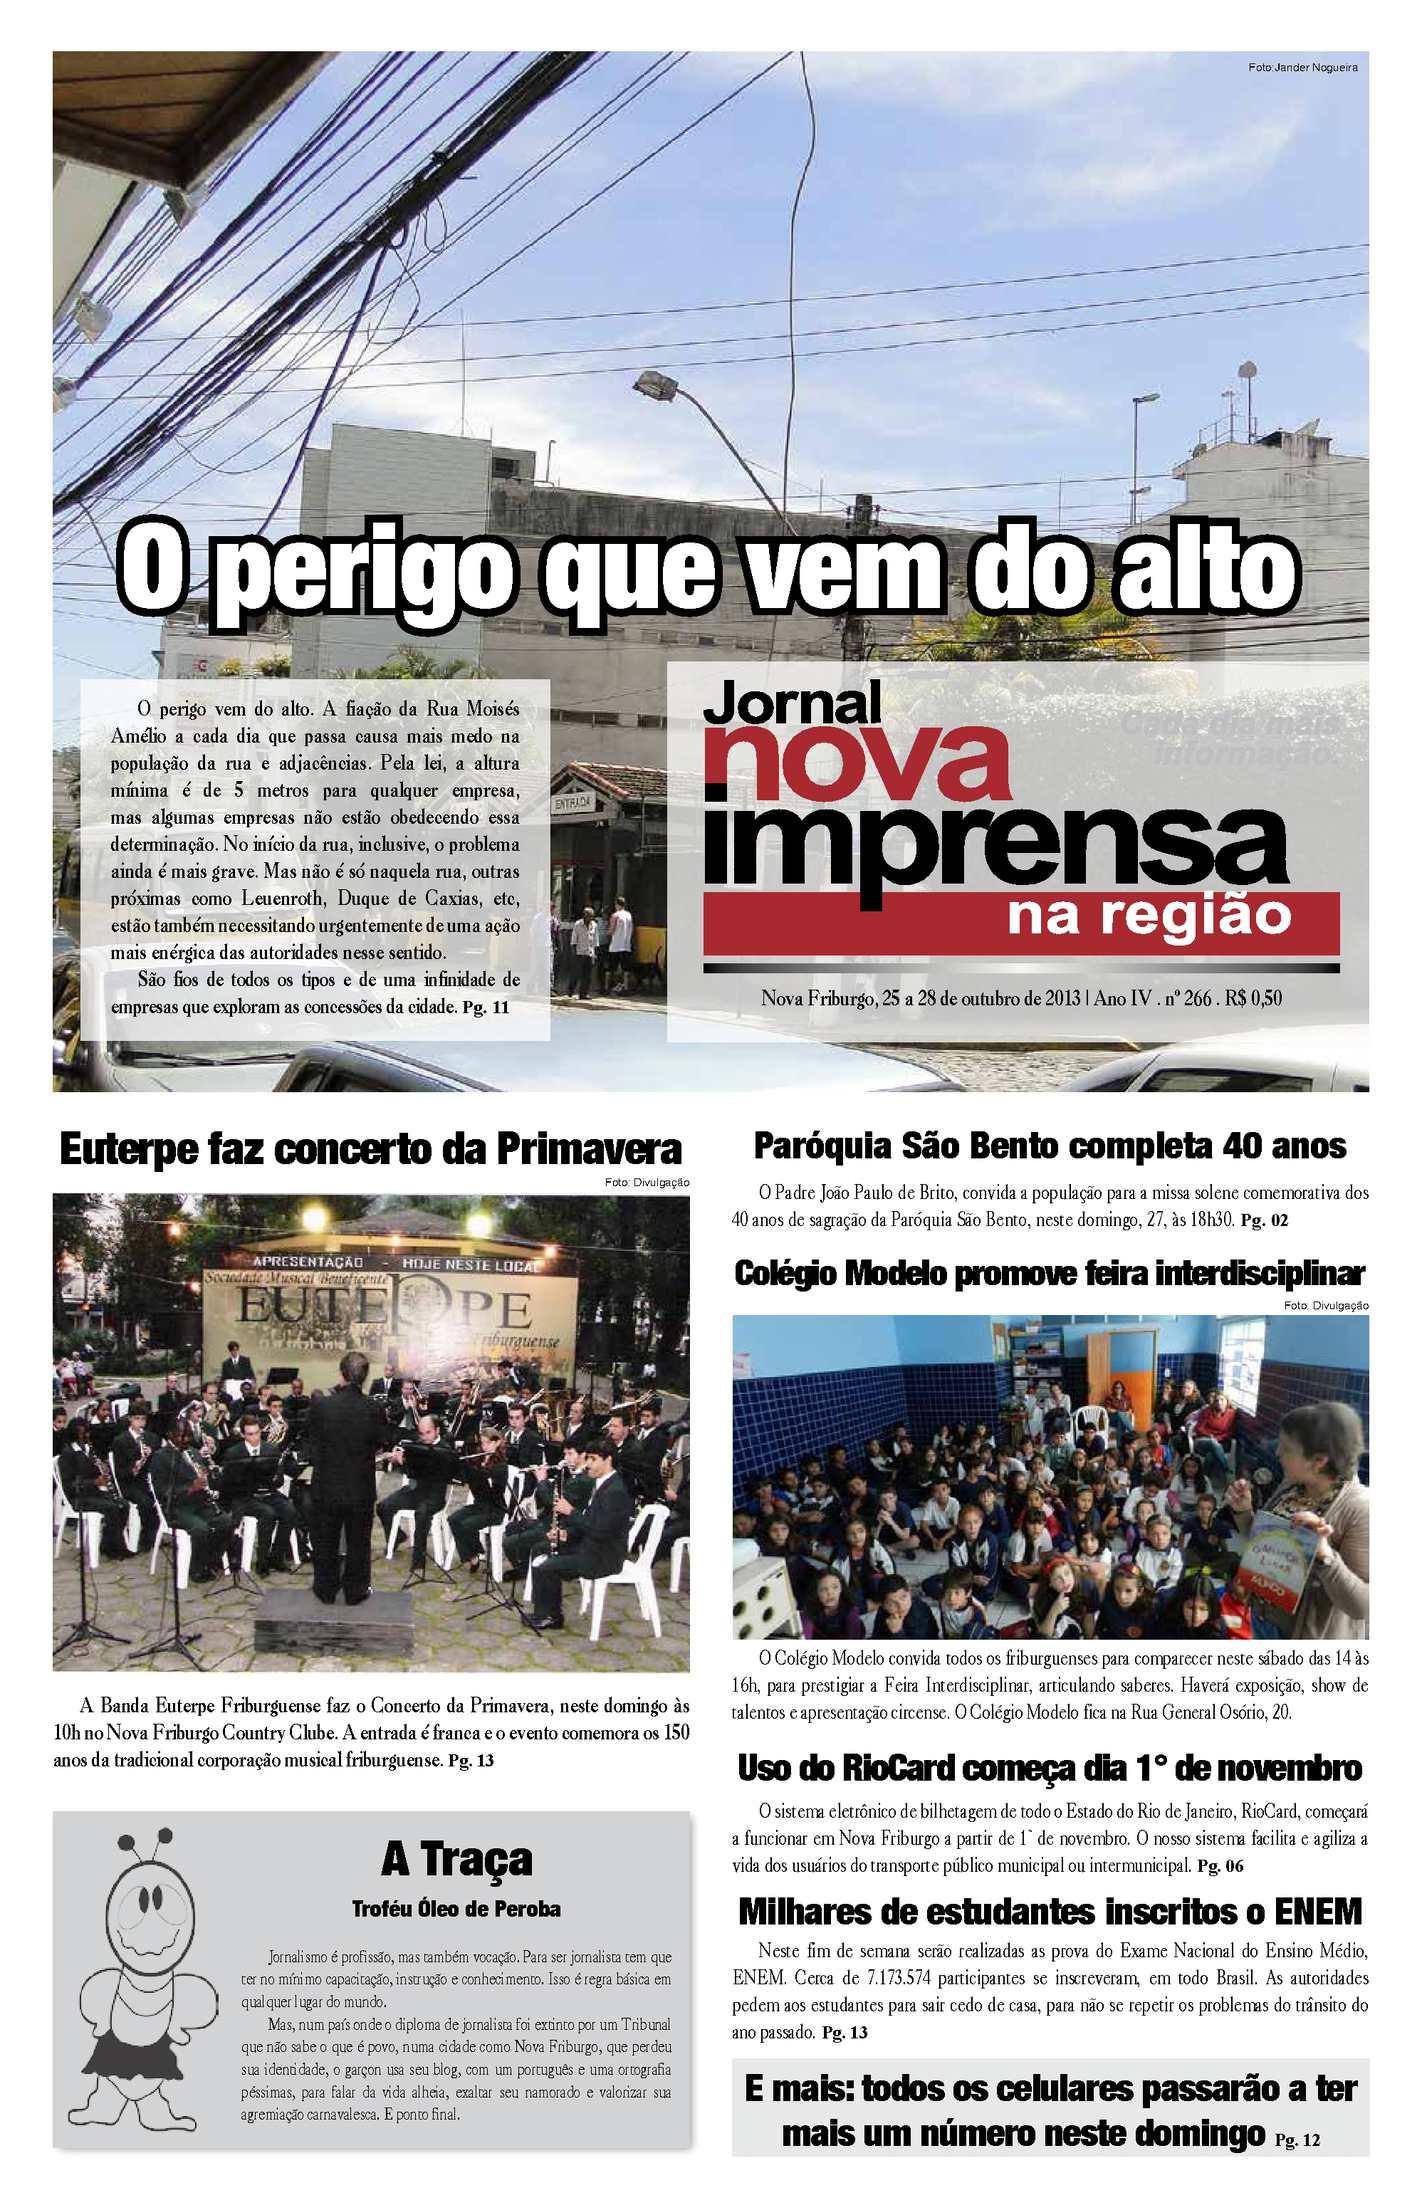 Calaméo - Jornal Nova Imprensa - Edição 266 eb1f6c05c6702